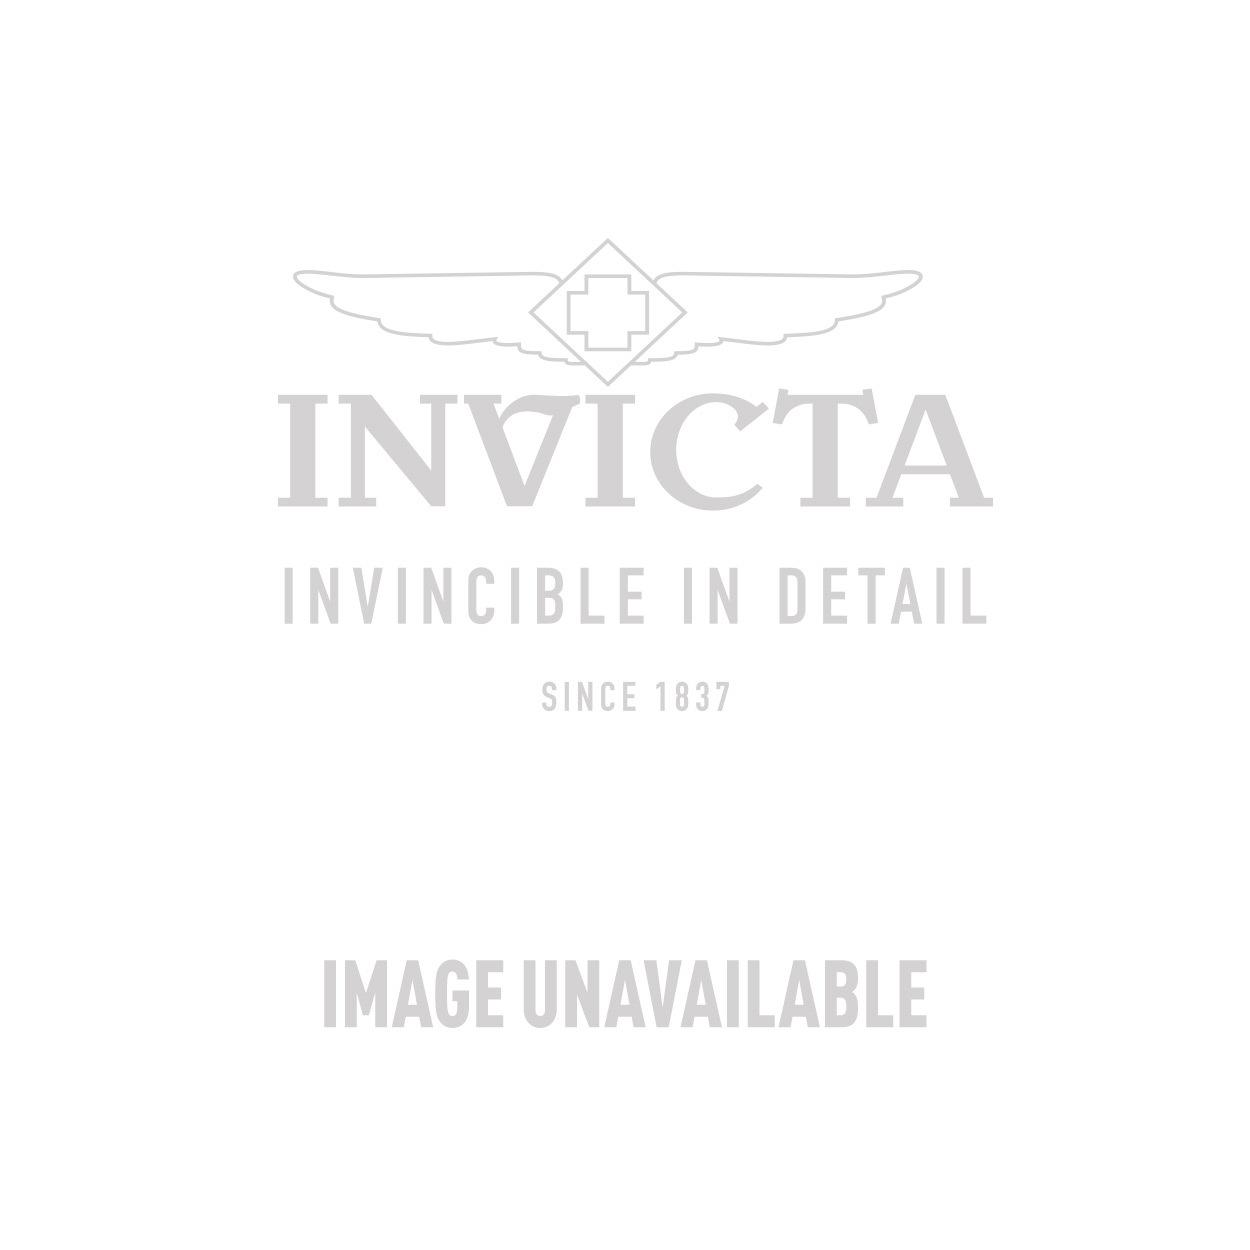 Invicta Subaqua Mens Quartz 50mm Gunmetal, Stone Distressed, Black Case White, Silver Dial - Model 18180